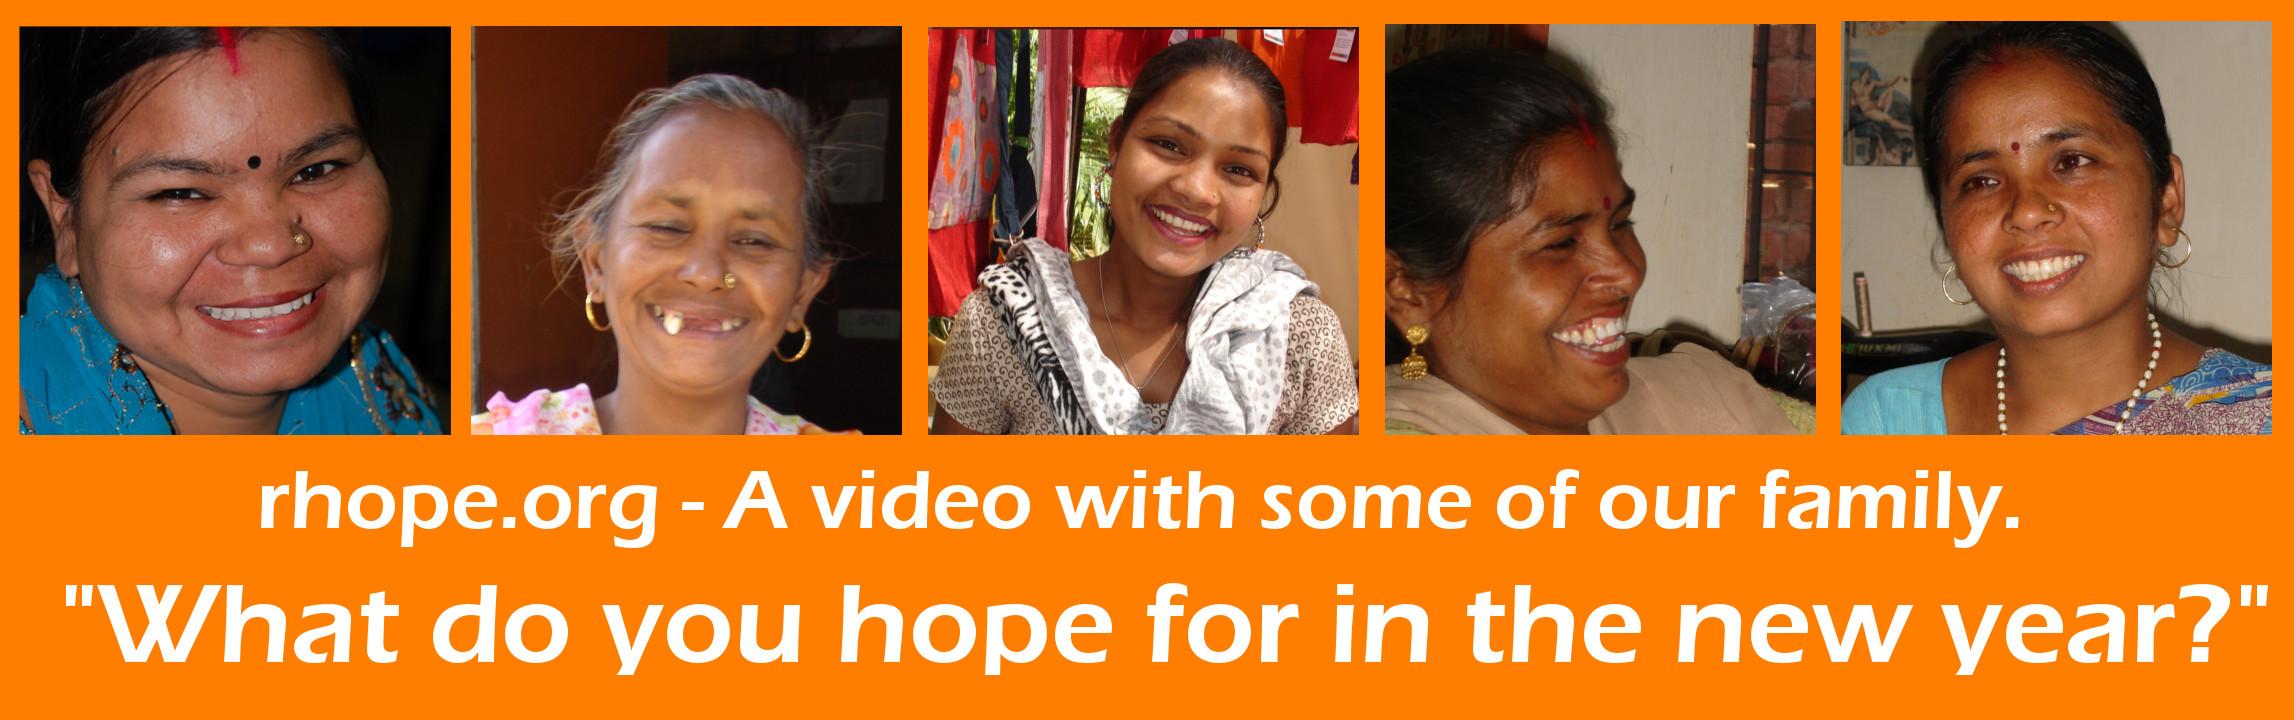 hope_for_banner